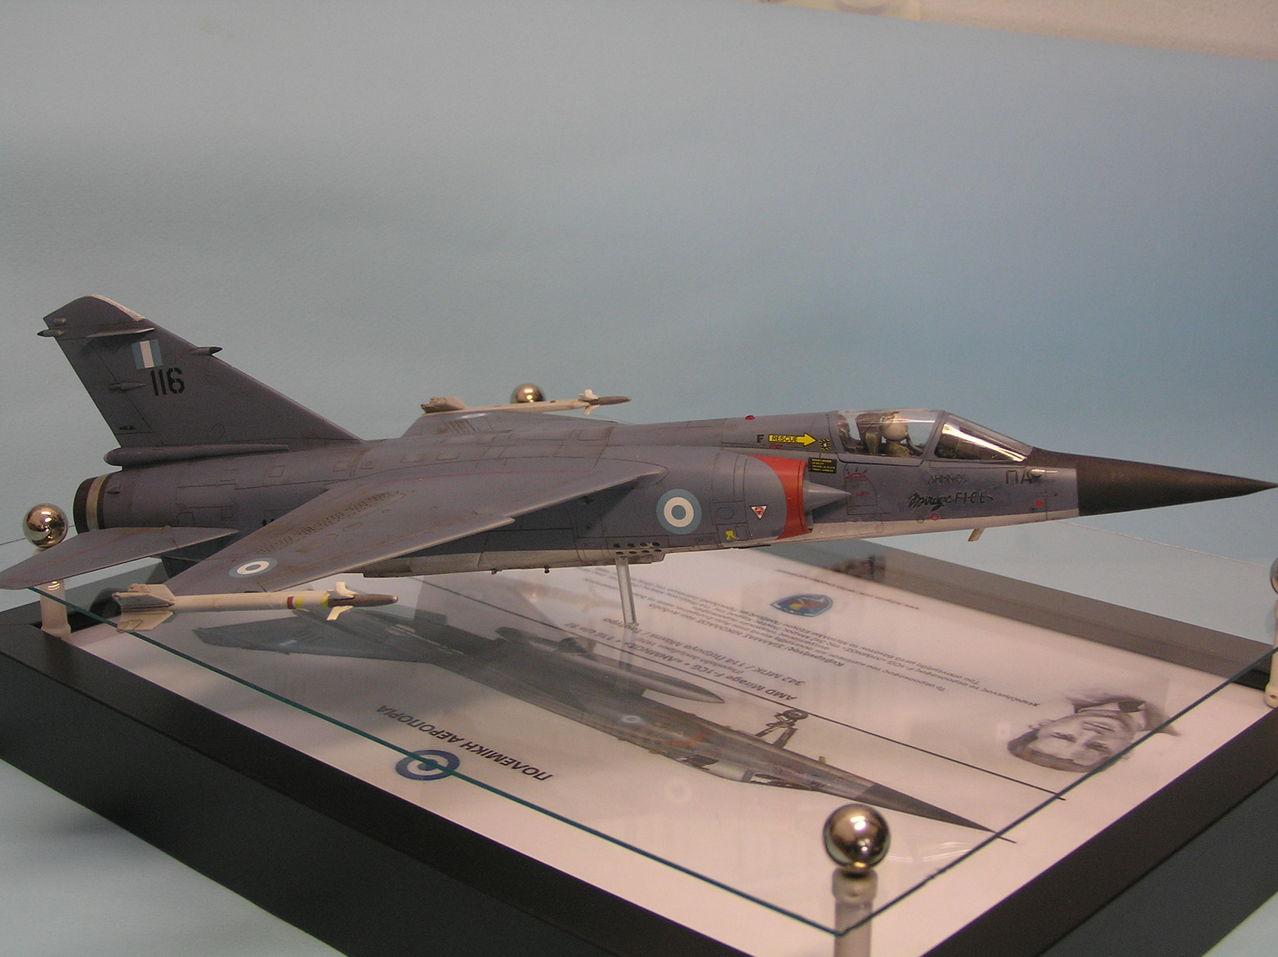 Ελληνικό Mirage F-1CG  1/48  - Σελίδα 2 P1010013